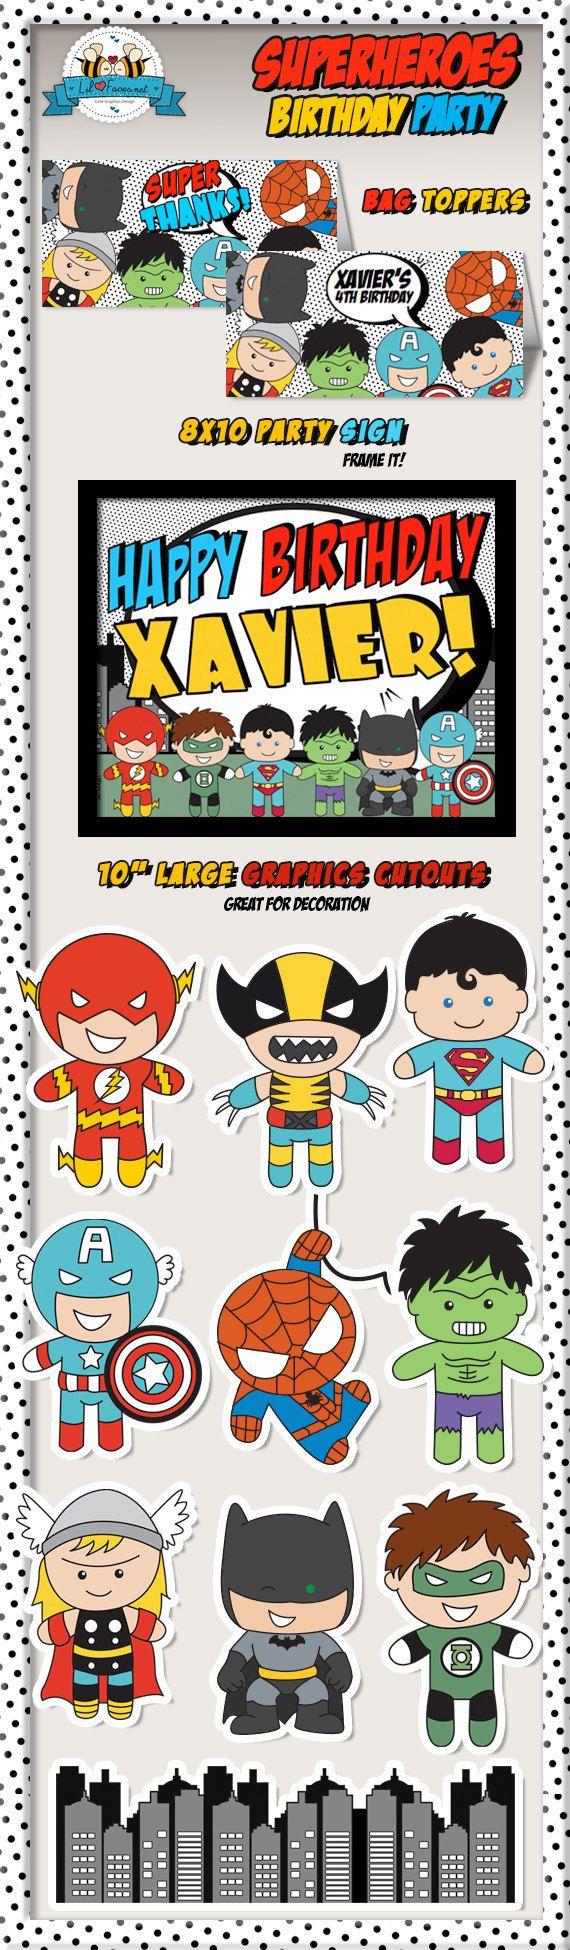 Best 25+ Pop art party ideas on Pinterest | Superhero party ...